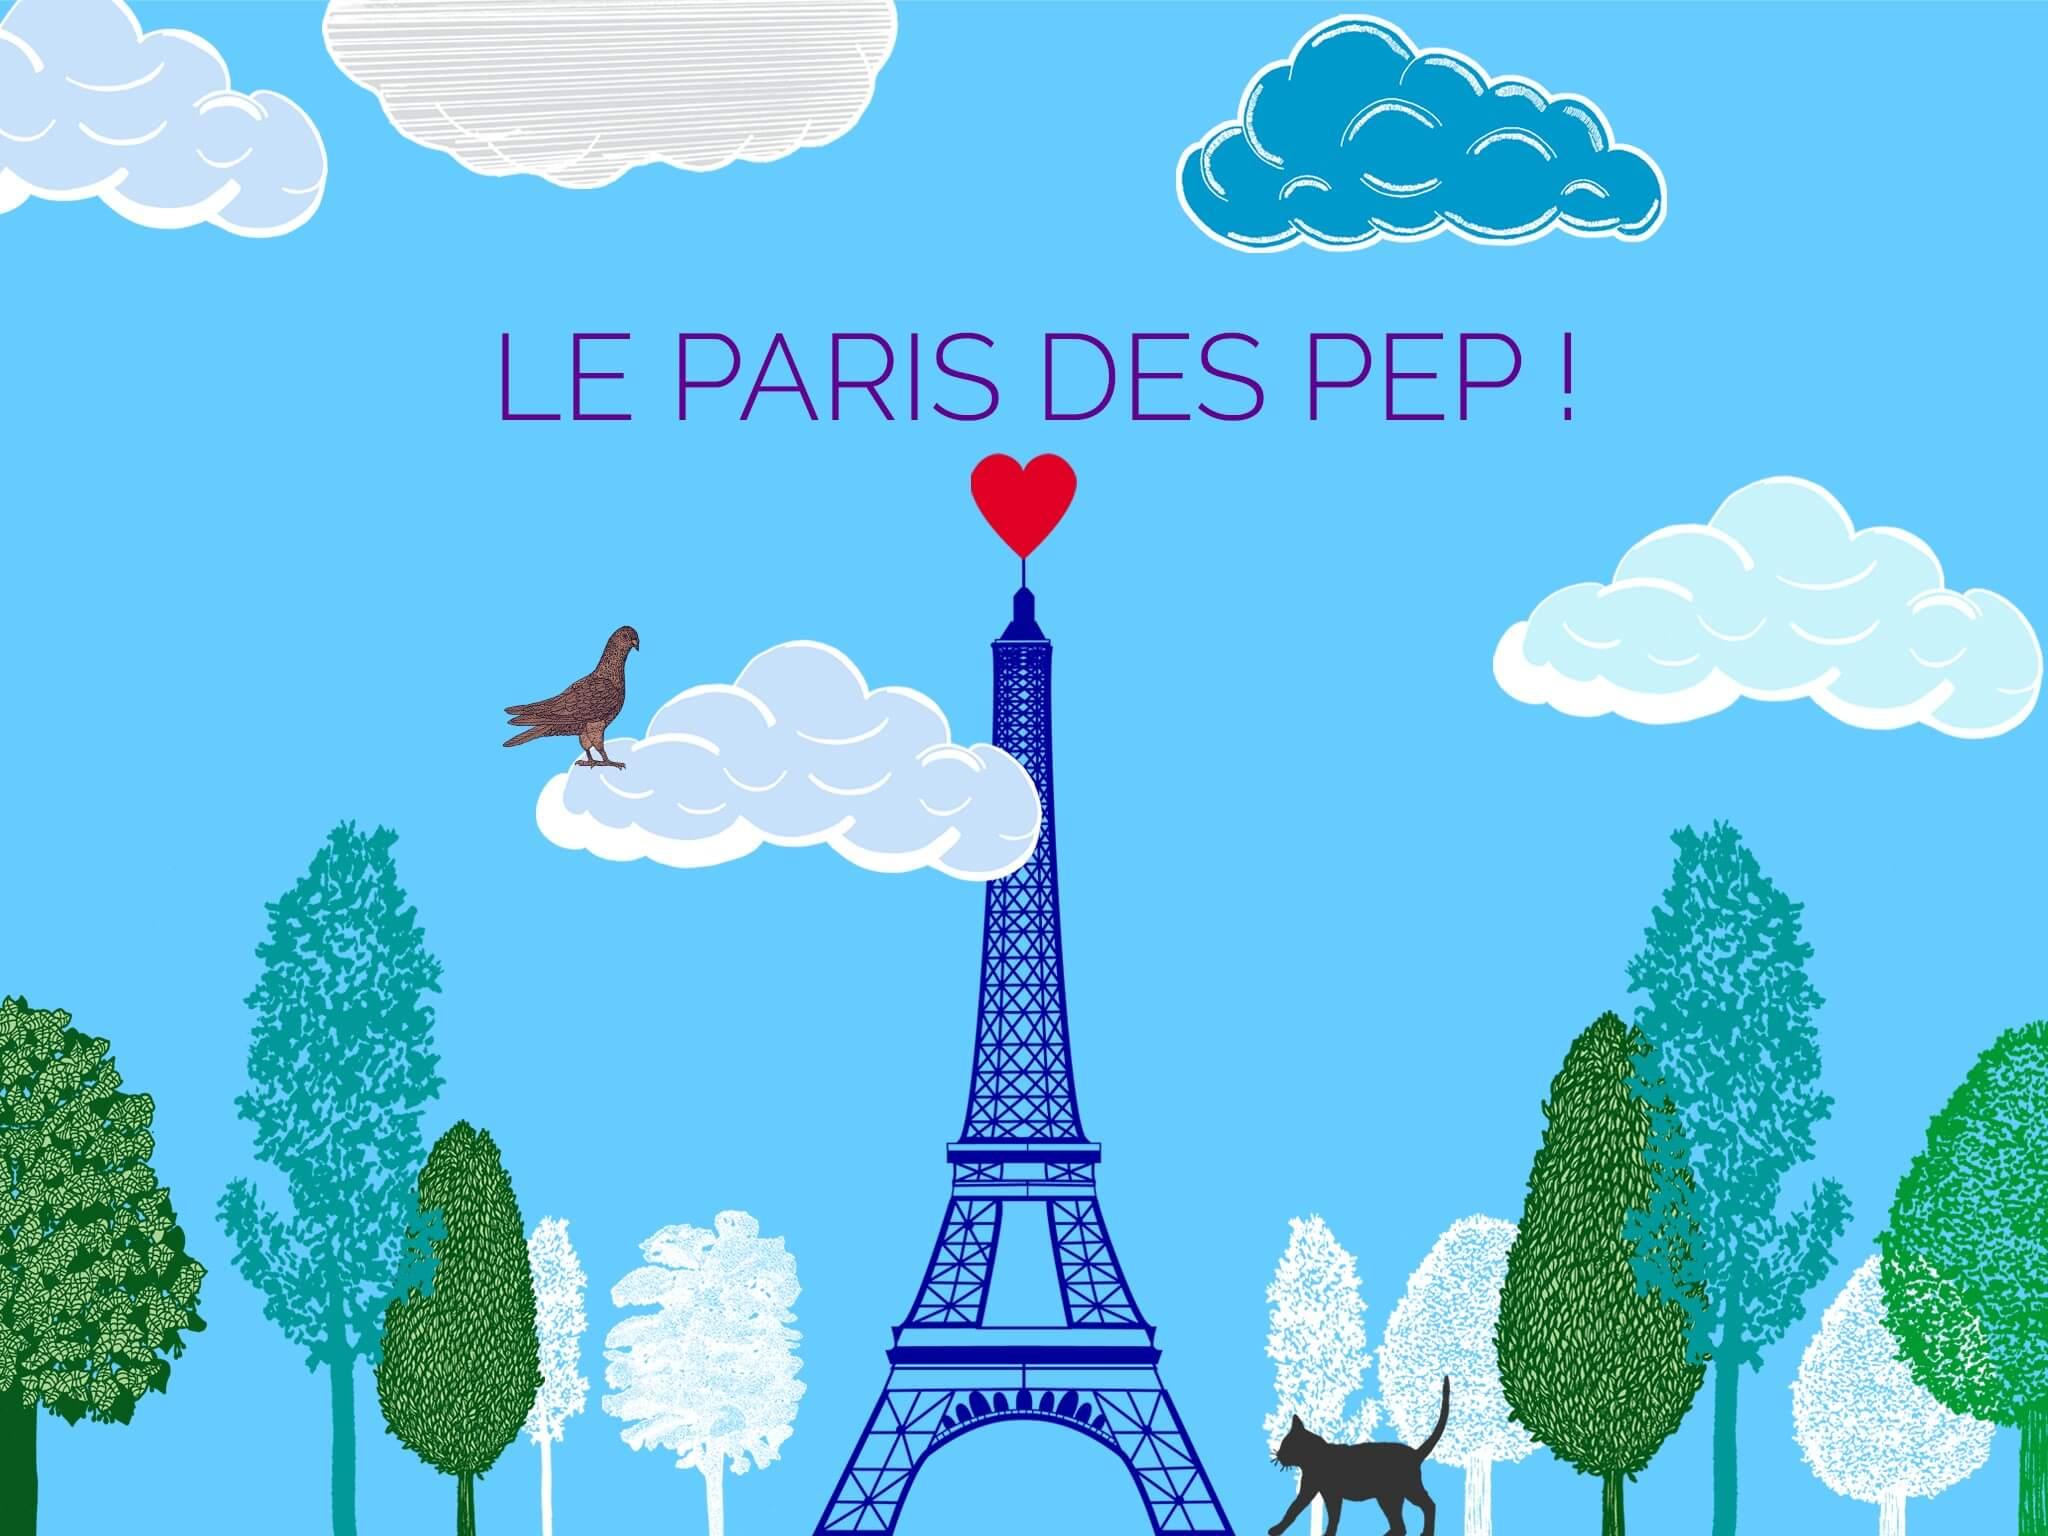 Nouveauté : Dès Aujourd'hui Faites Le Paris Des PEP !